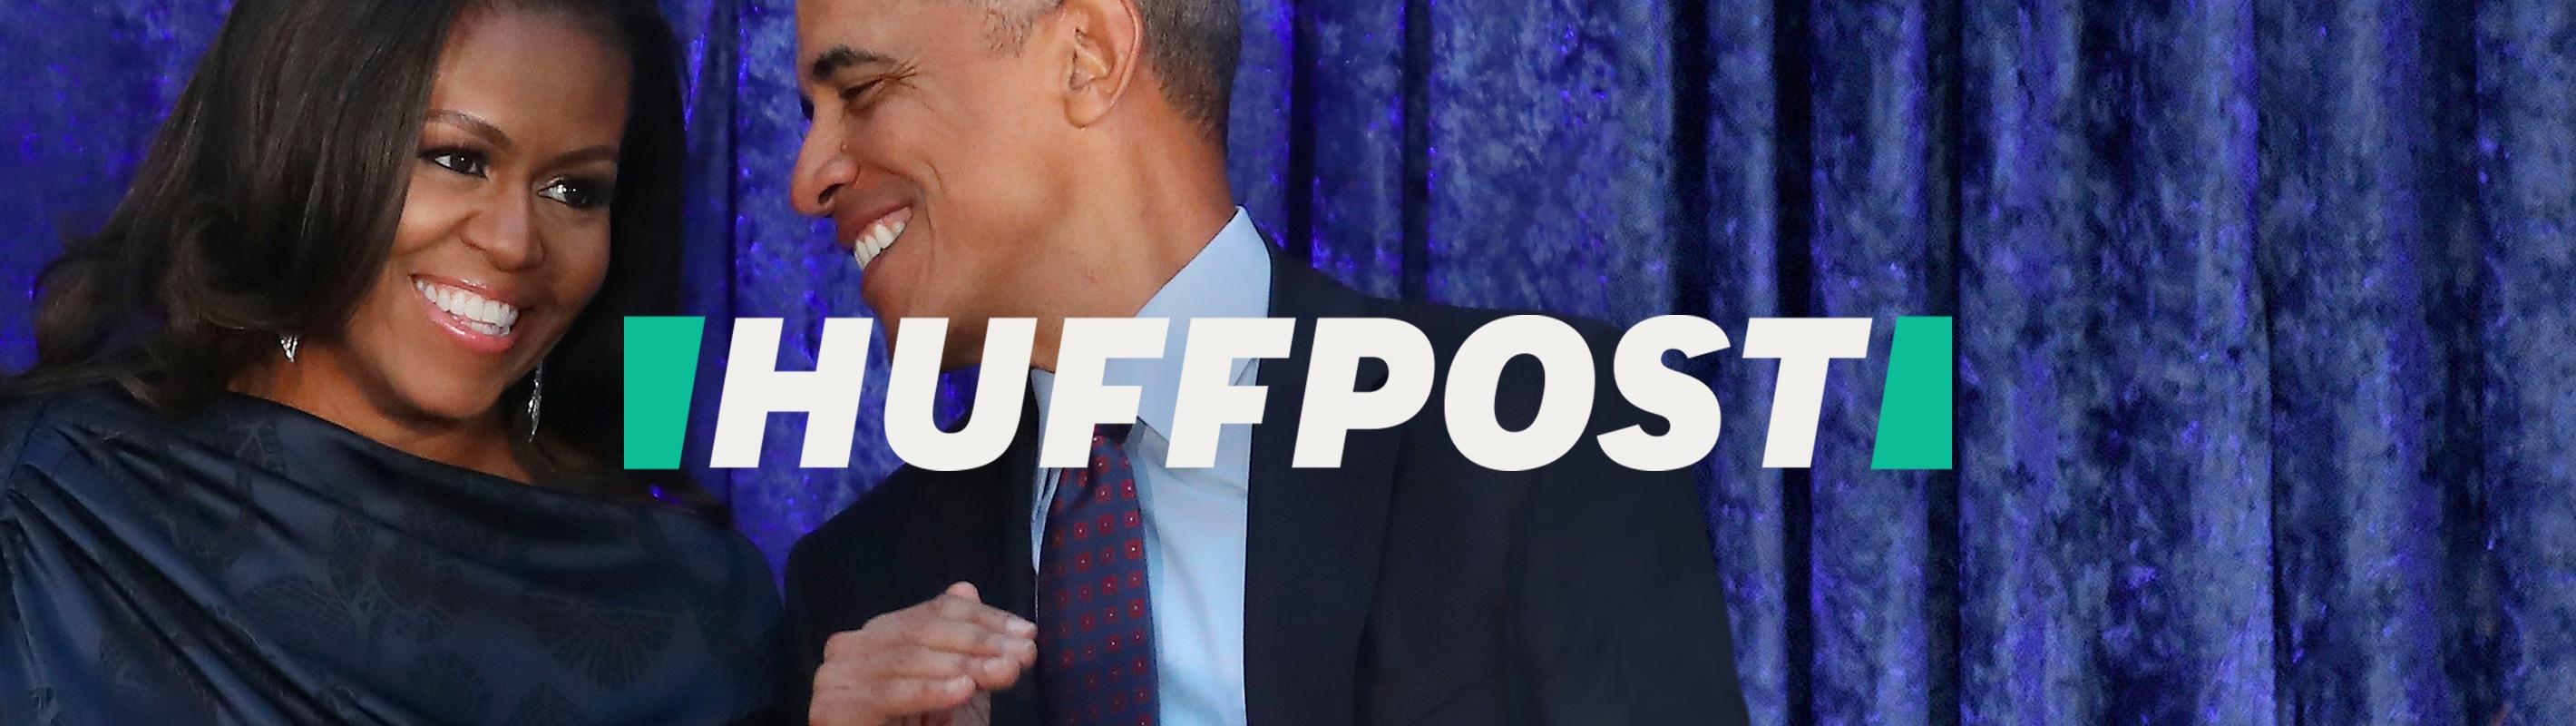 HuffPost logo Obamas